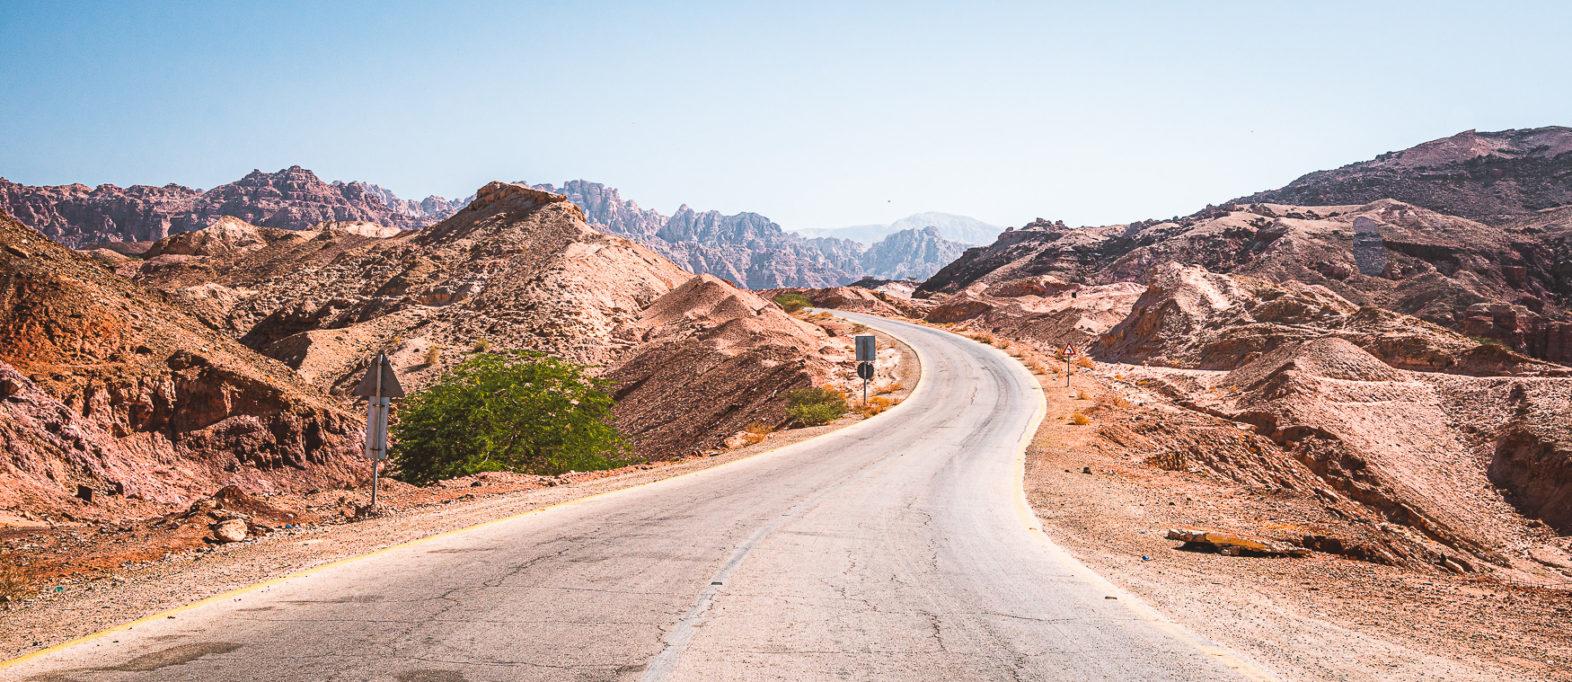 1 Woche Roadtrip in Jordanien –  Sehenswürdigkeiten & Highlights